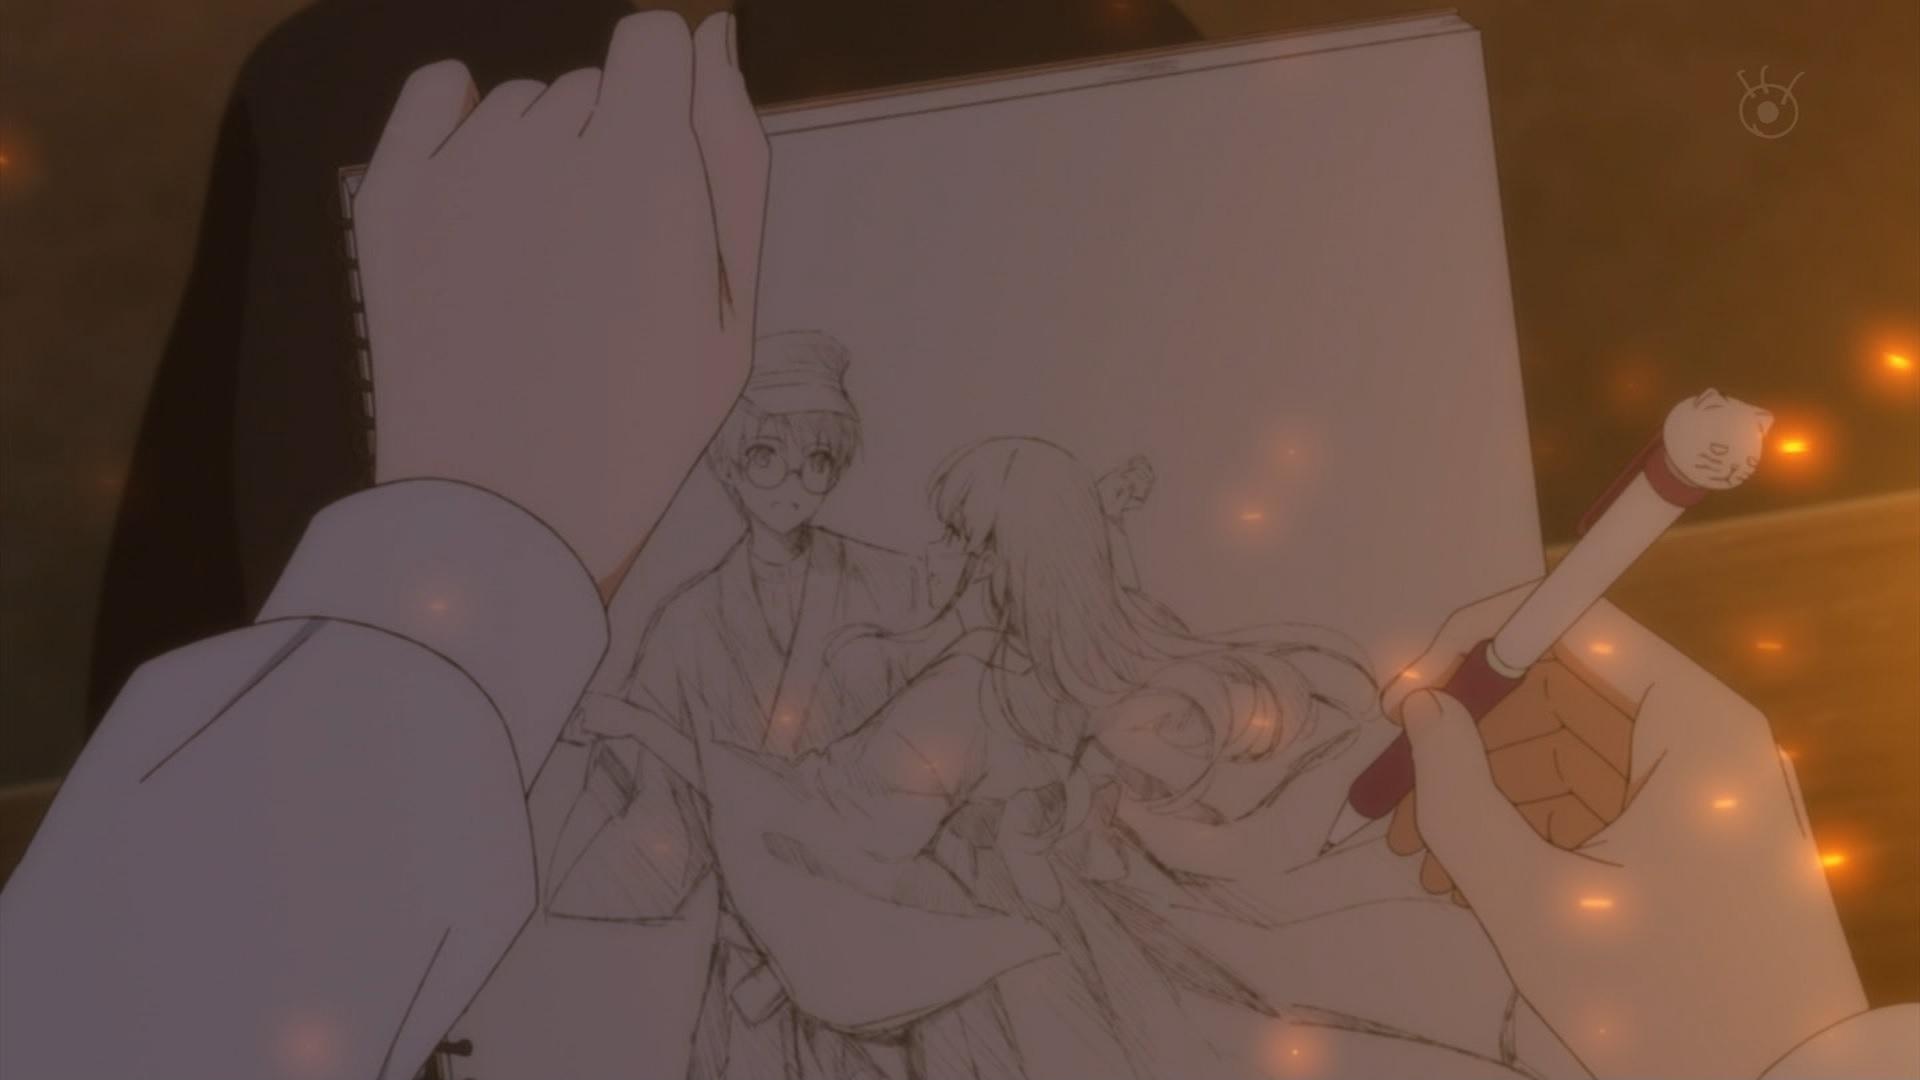 澤村スペンサー英梨々が描いた主人公と瑠璃